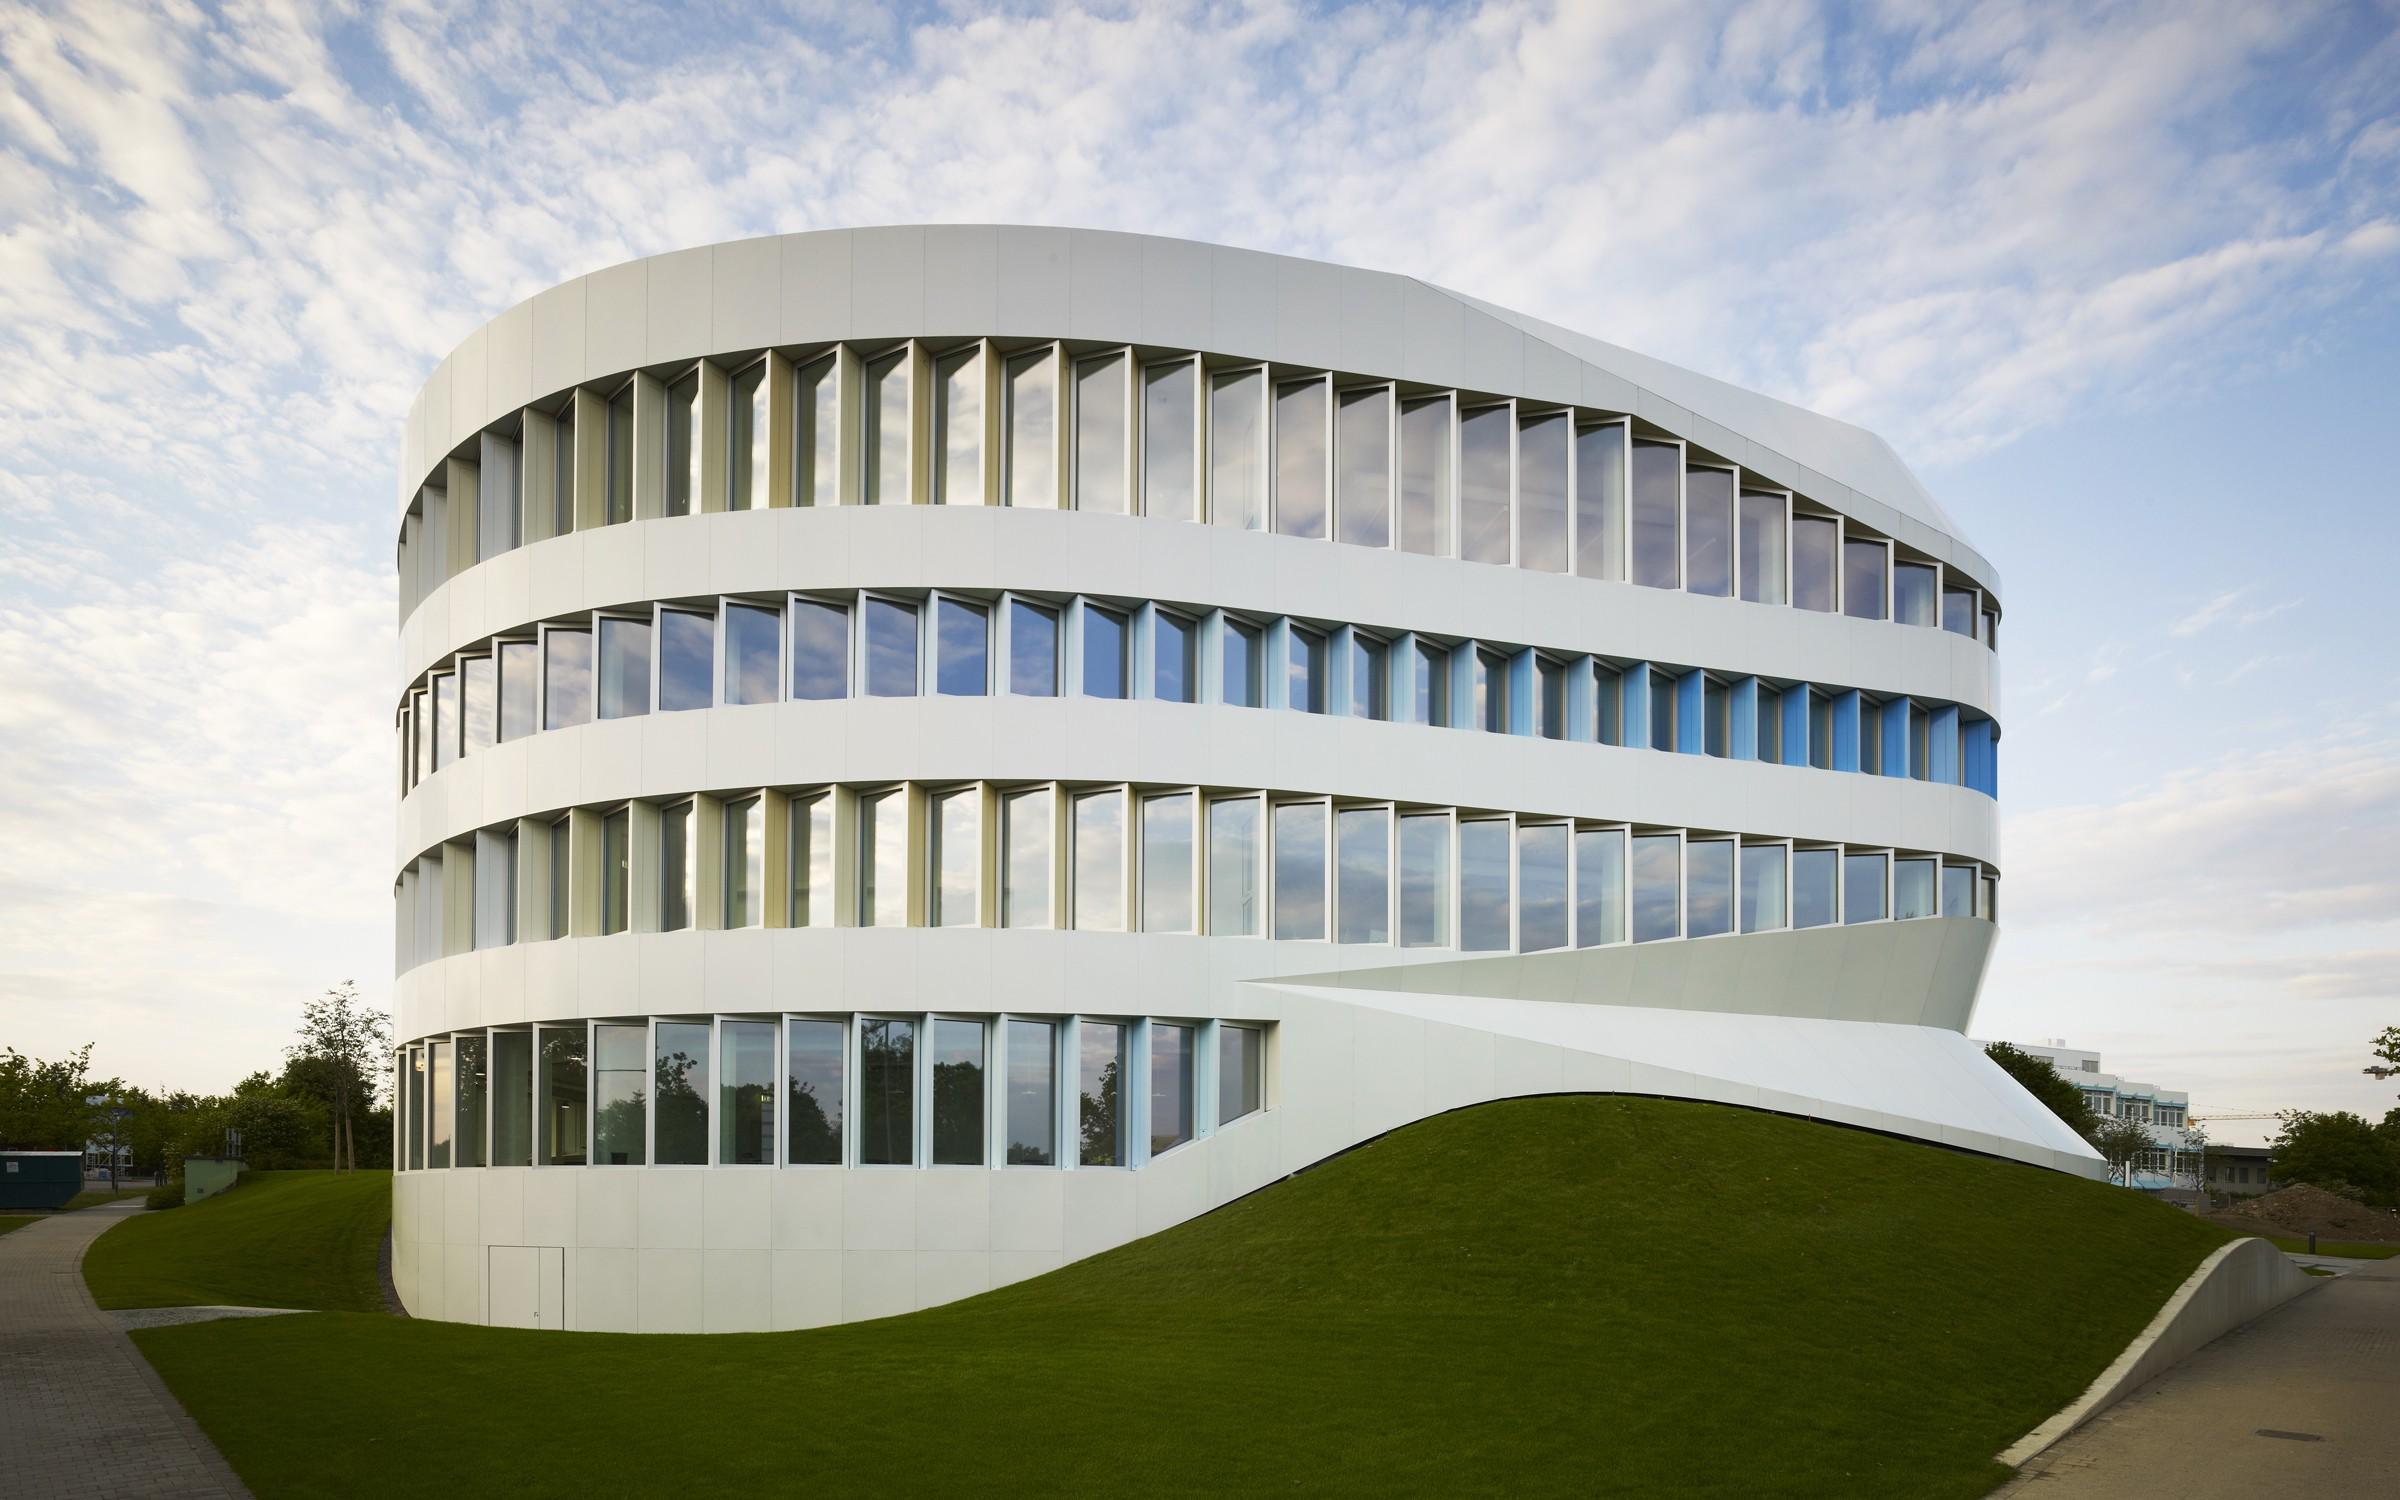 Centre for virtual engineering unstudio the superslice for Un studio architecture